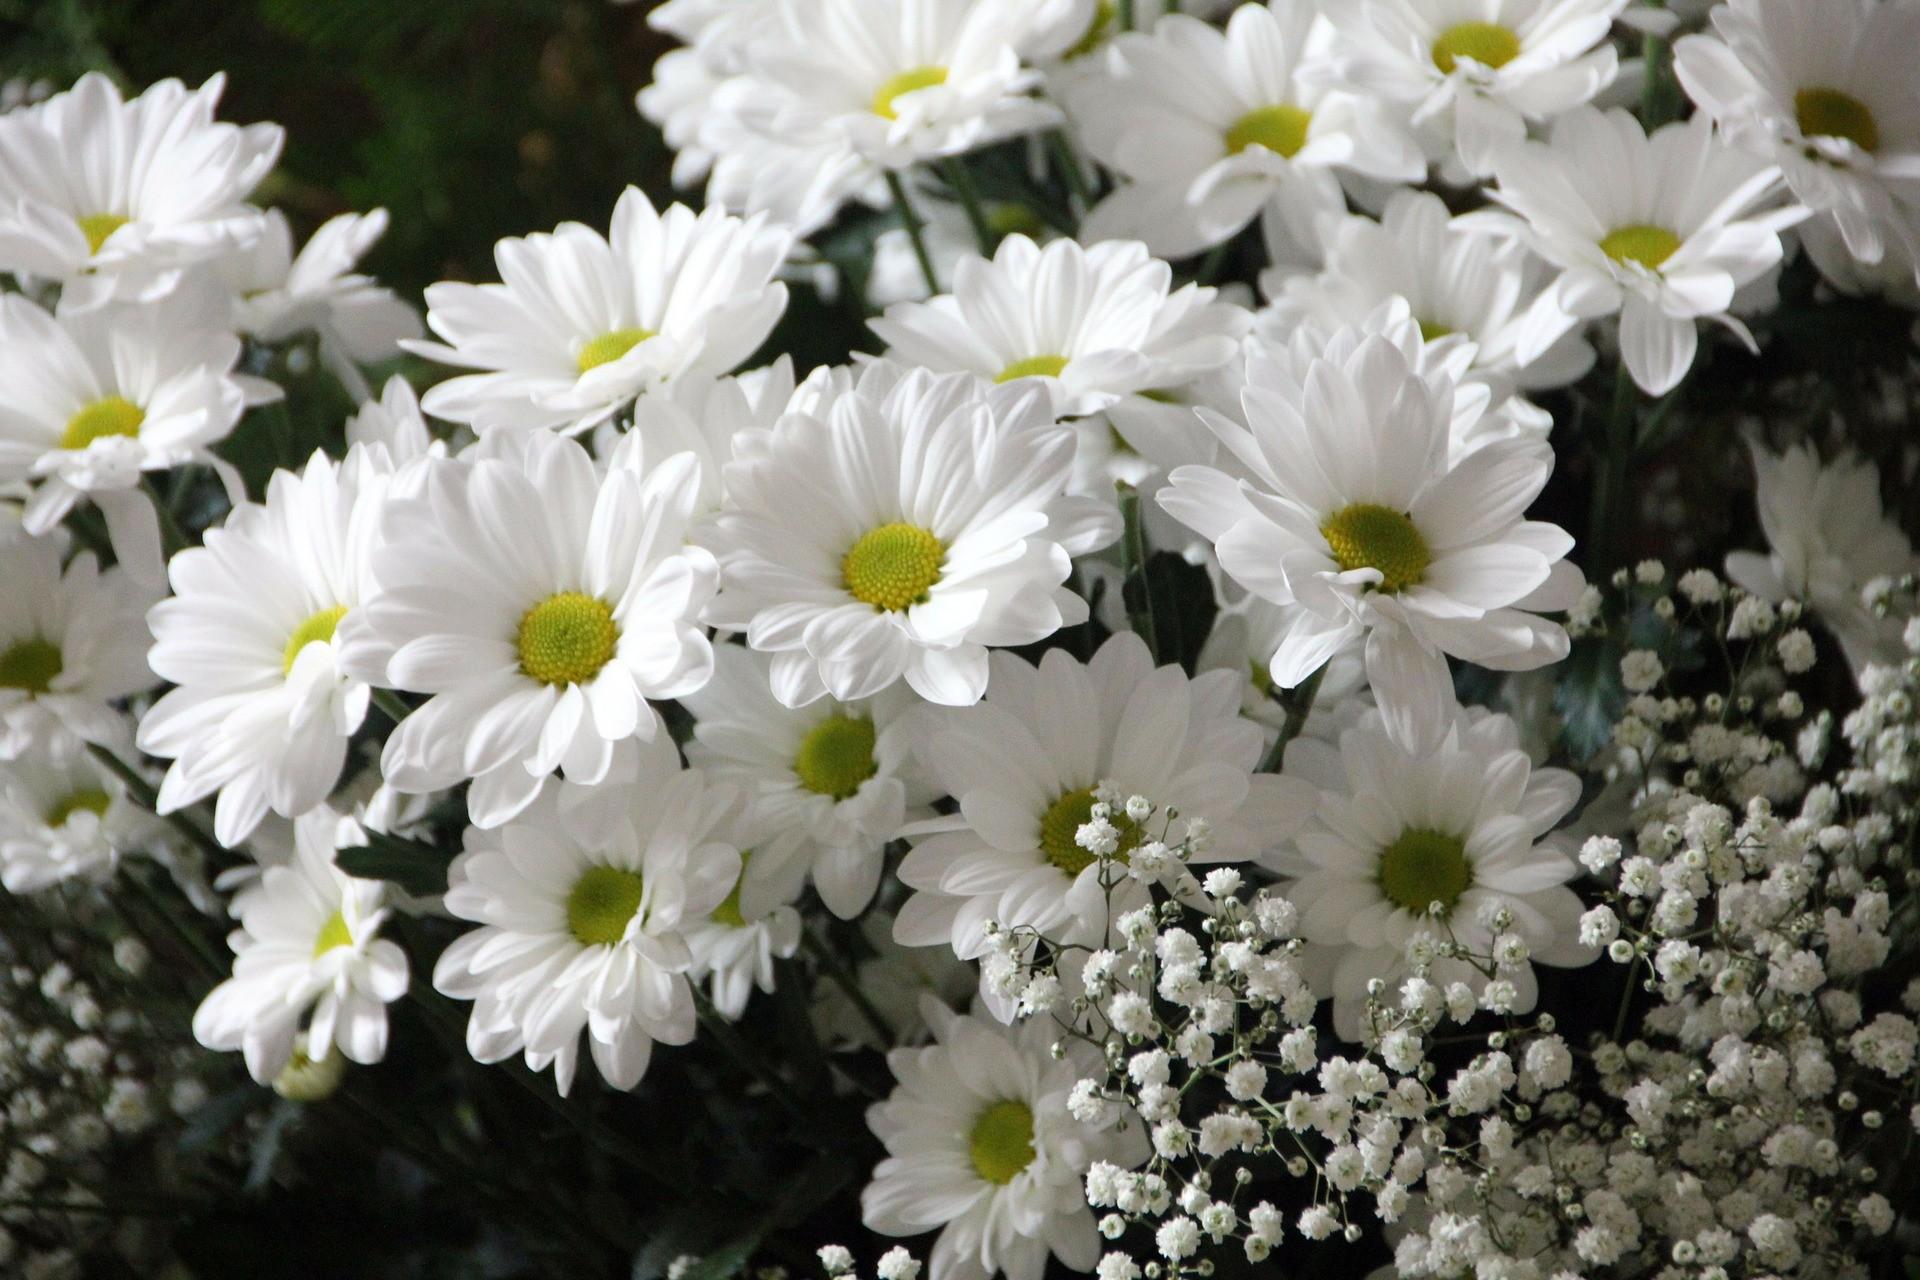 flowers-200602_1920.jpg